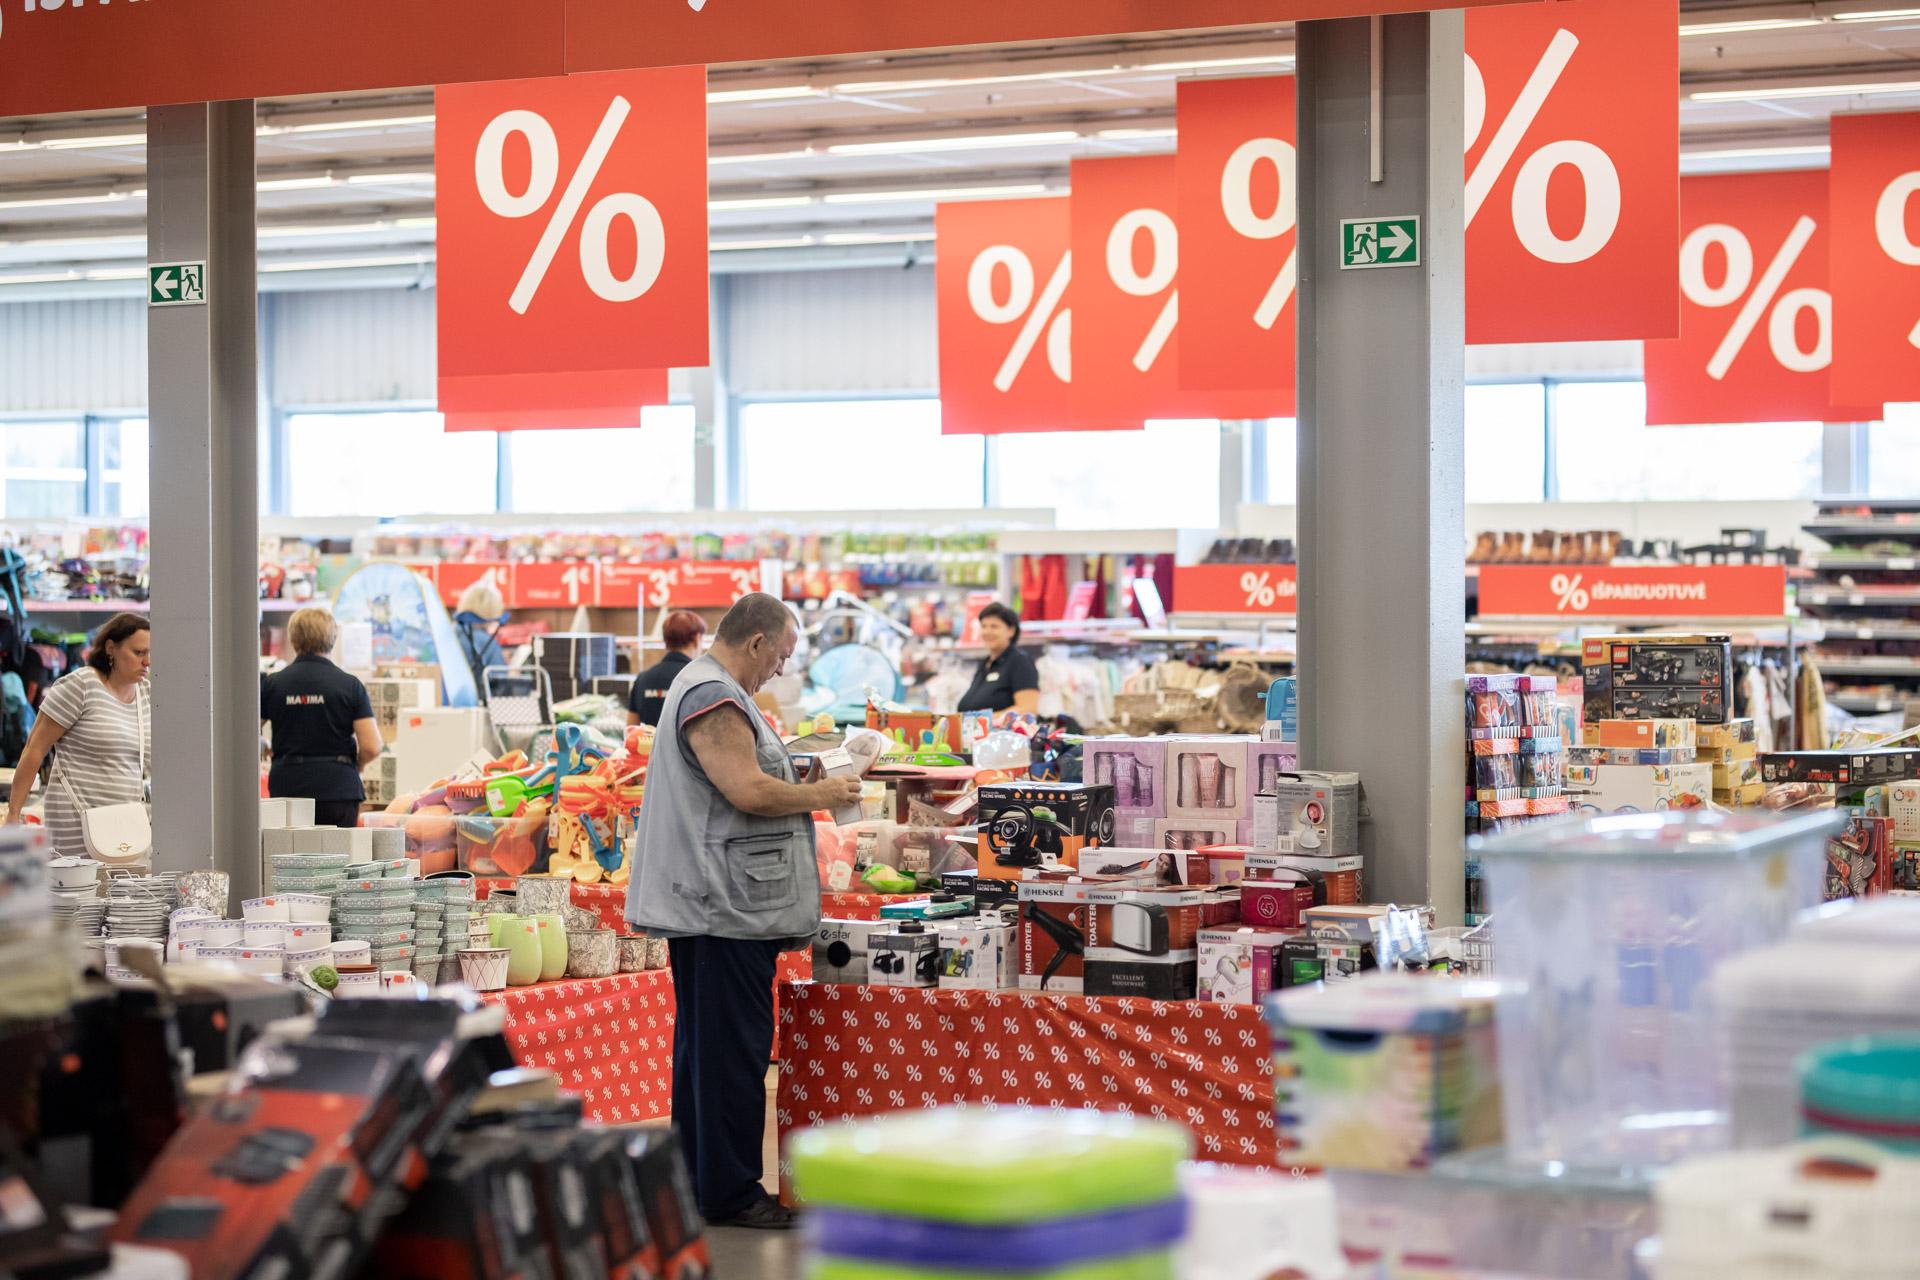 prekybos centrų prekybininkai